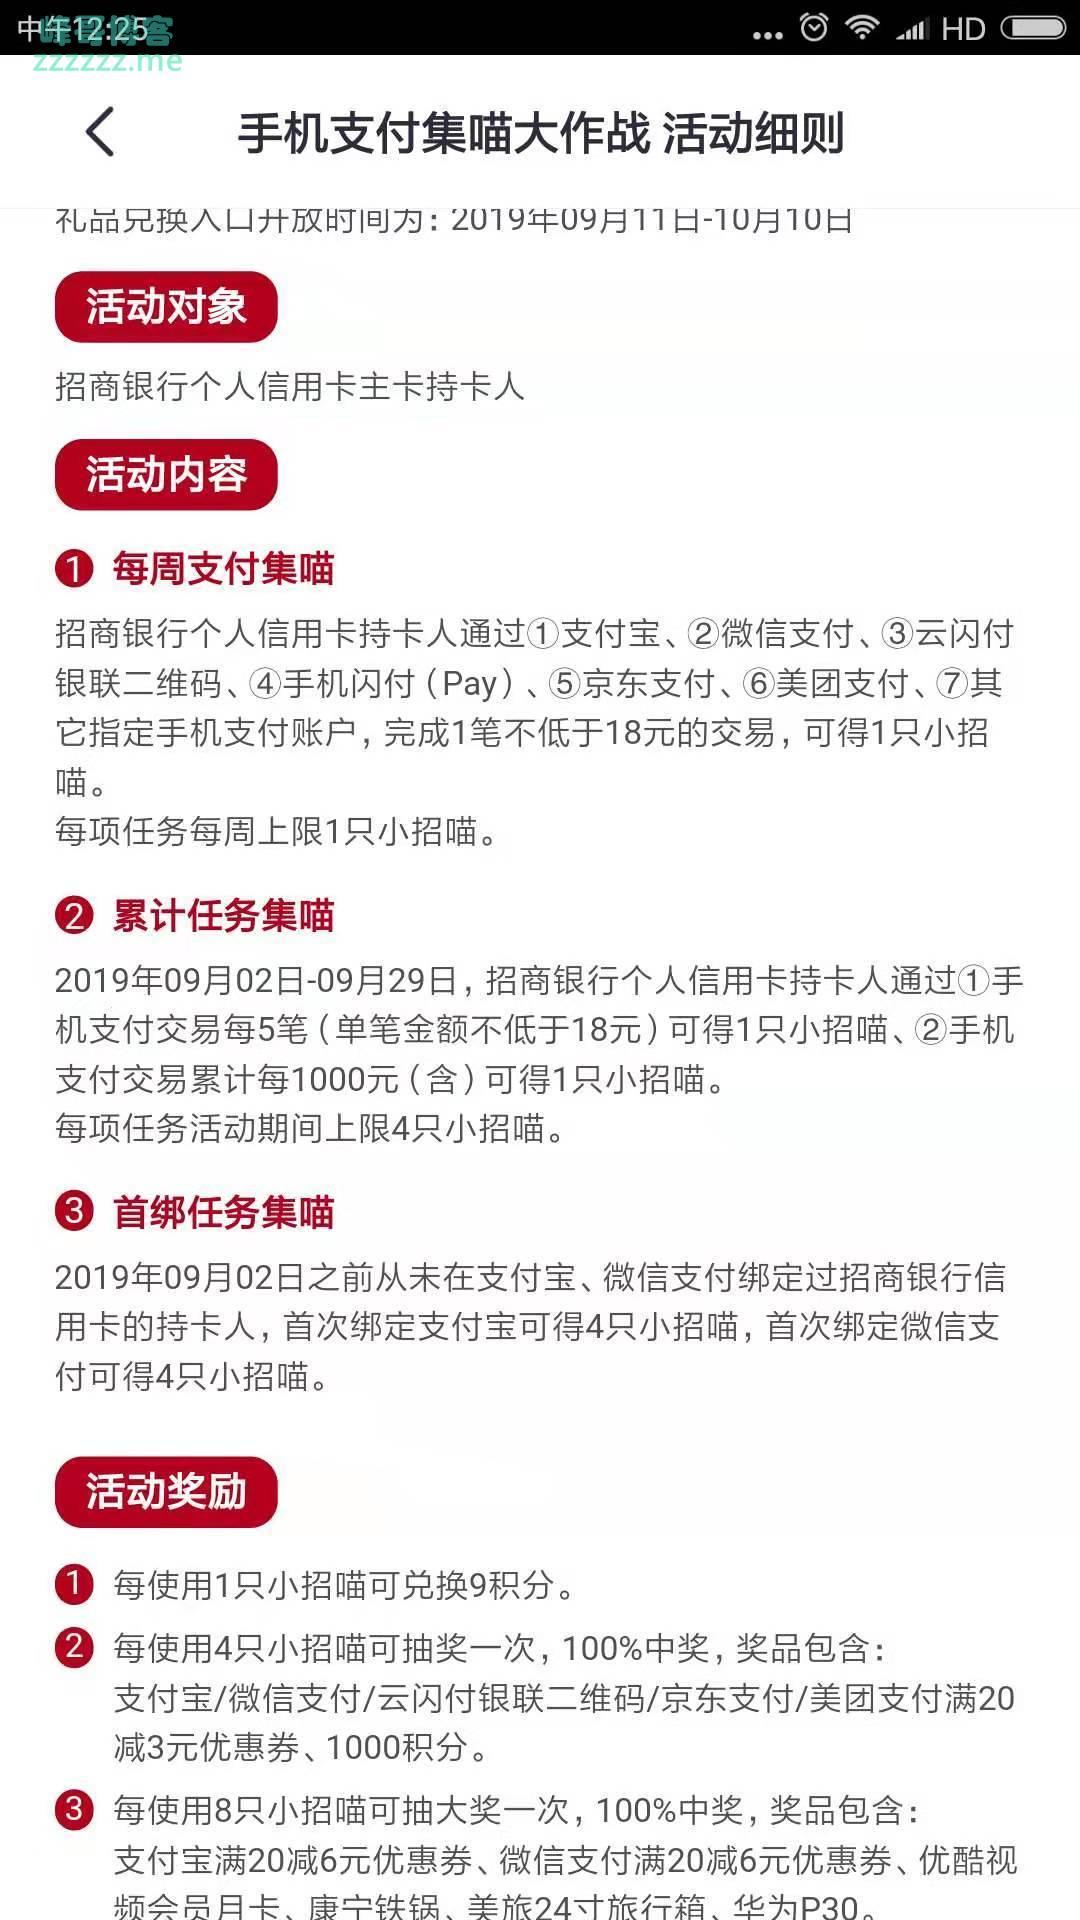 掌上生活集喵大作战(截止9月29日)